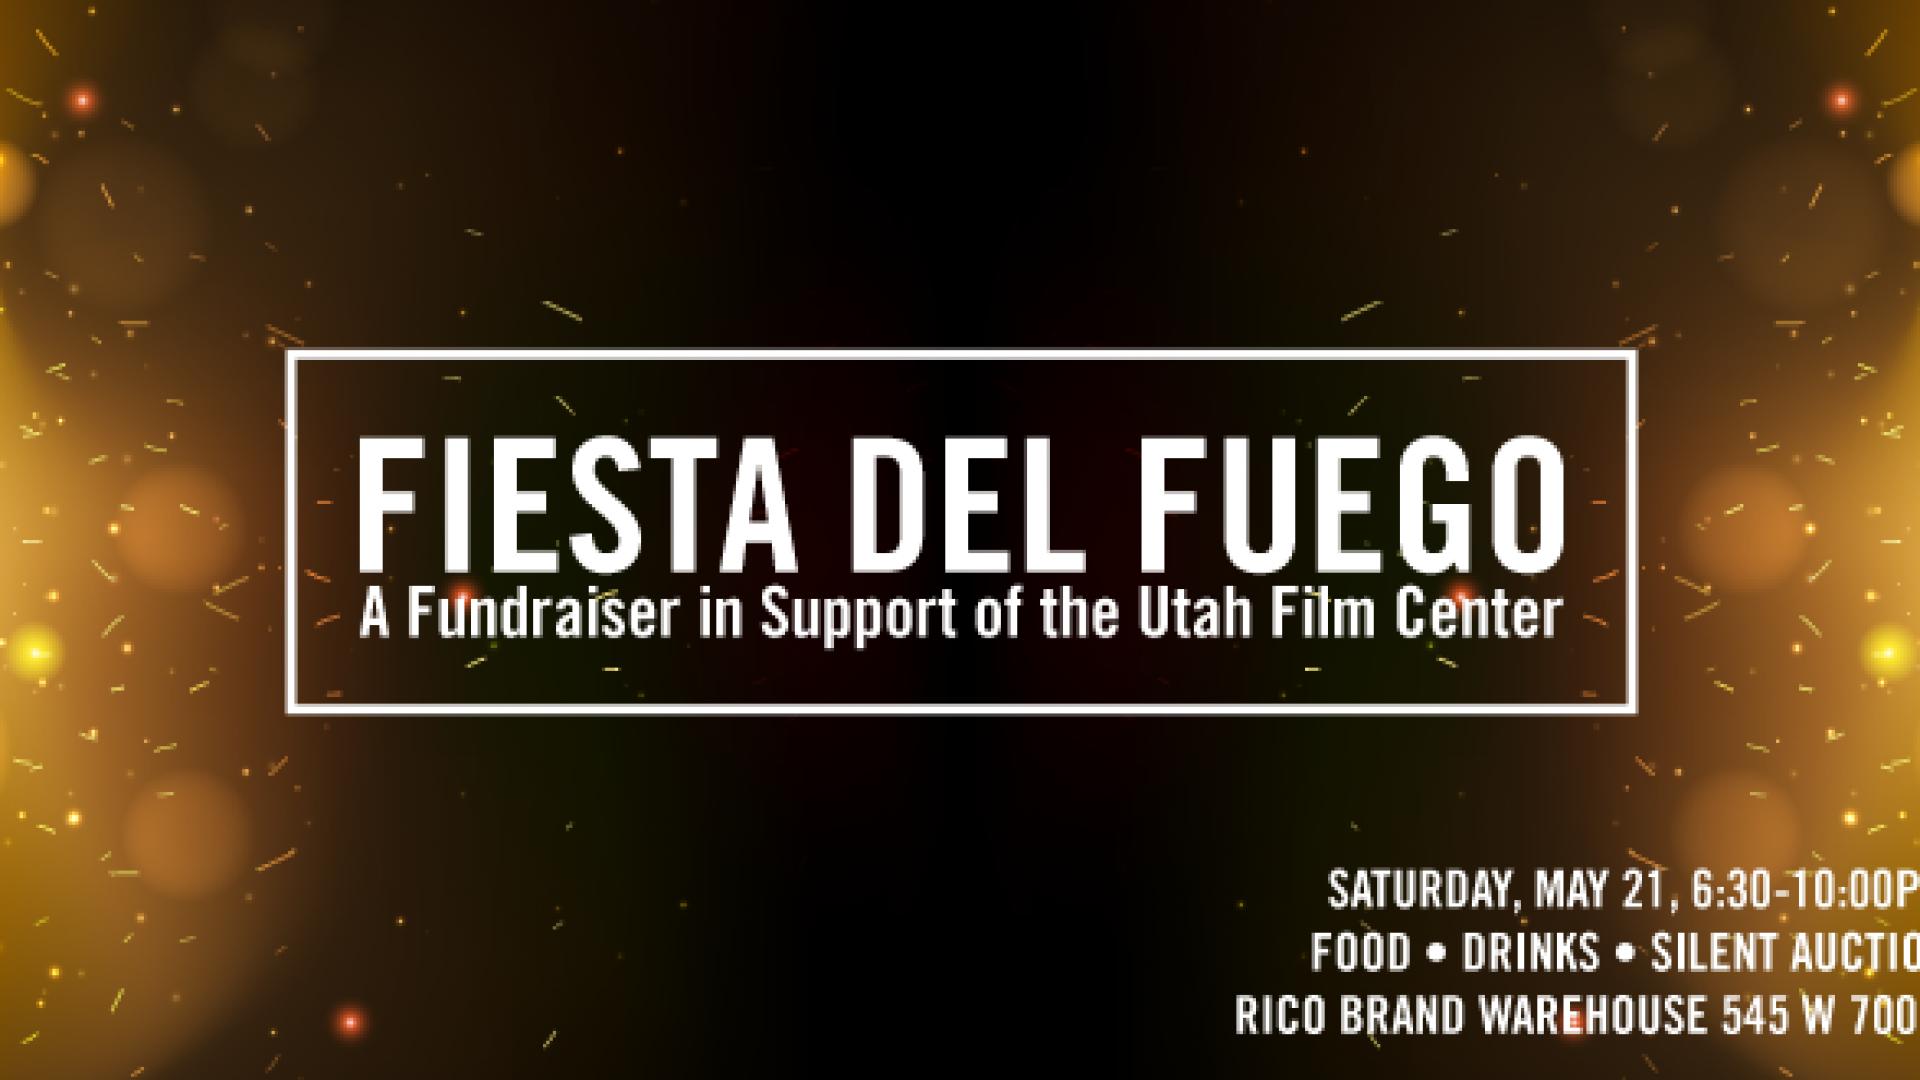 FiestaDelFuego_WebsiteImage660x330